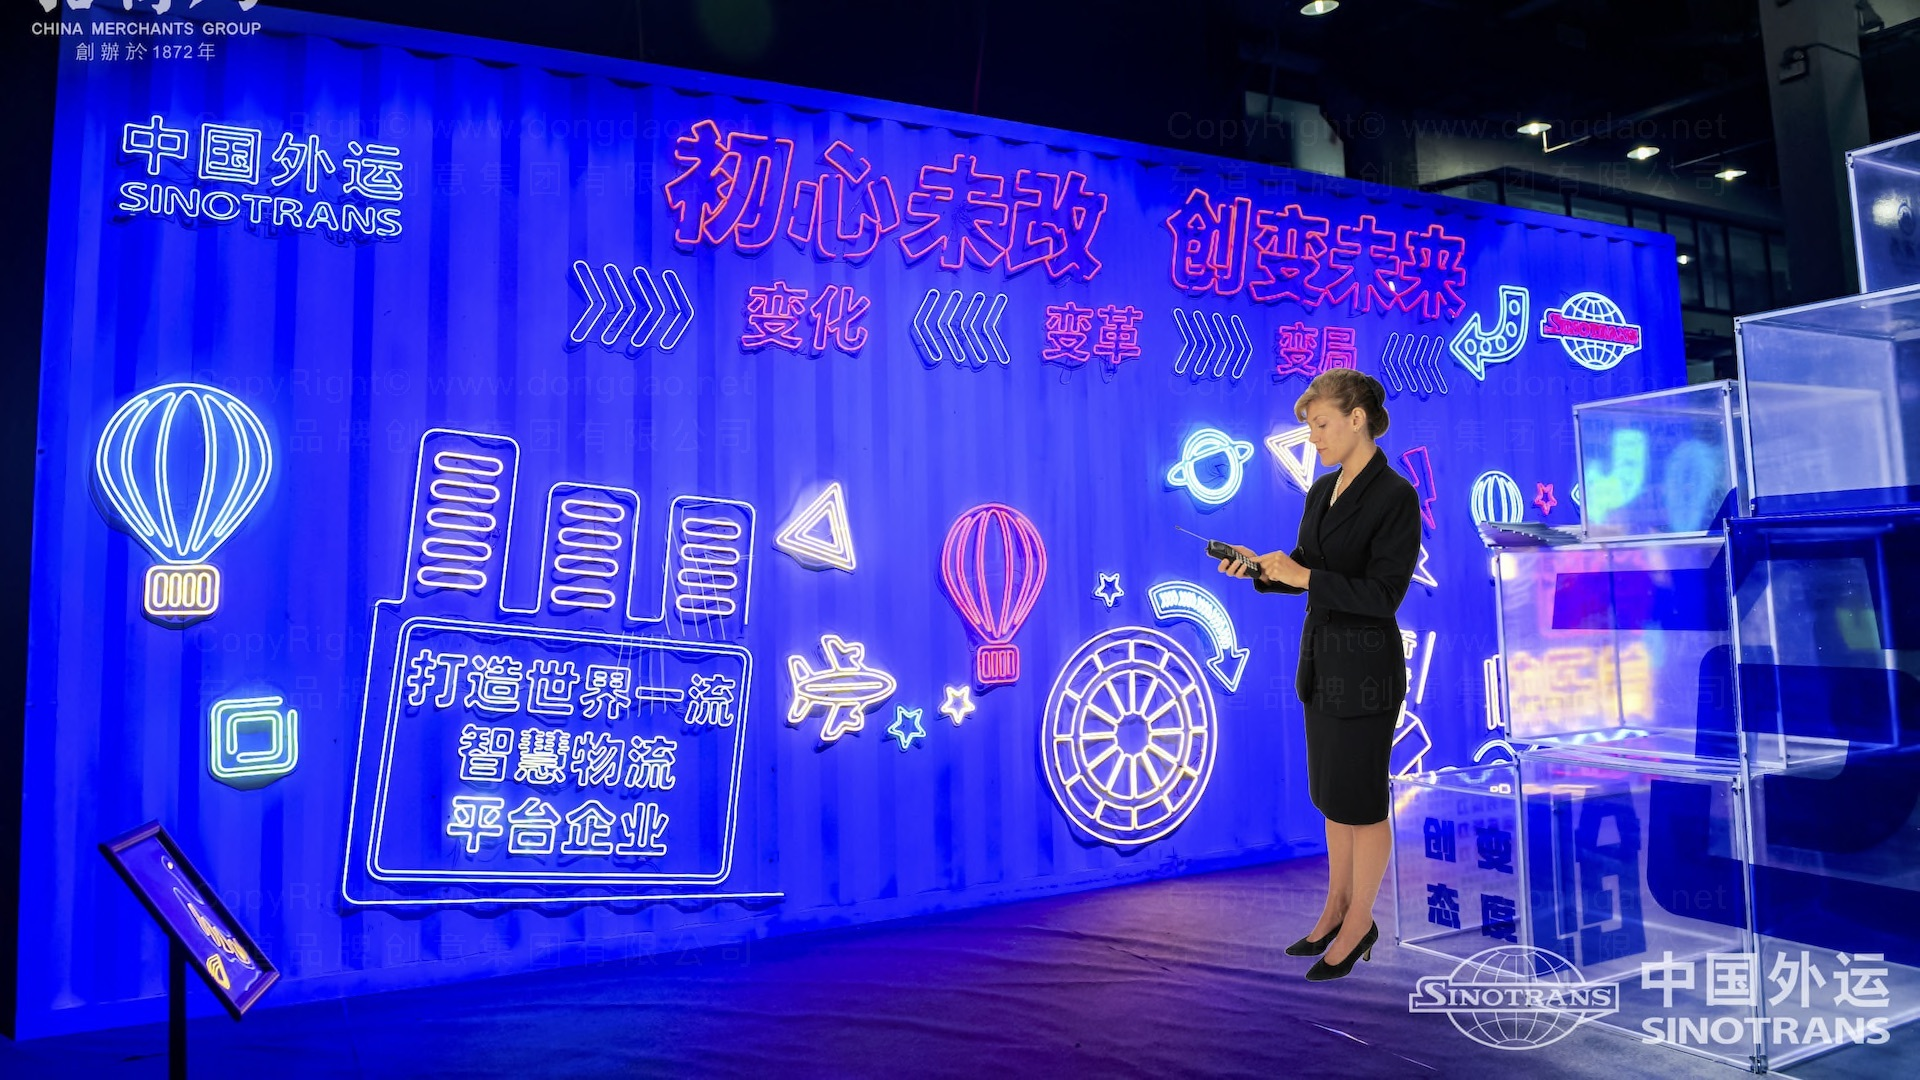 品牌战略&企业文化中国外运企业文化落地项目企业文化手册应用场景_27